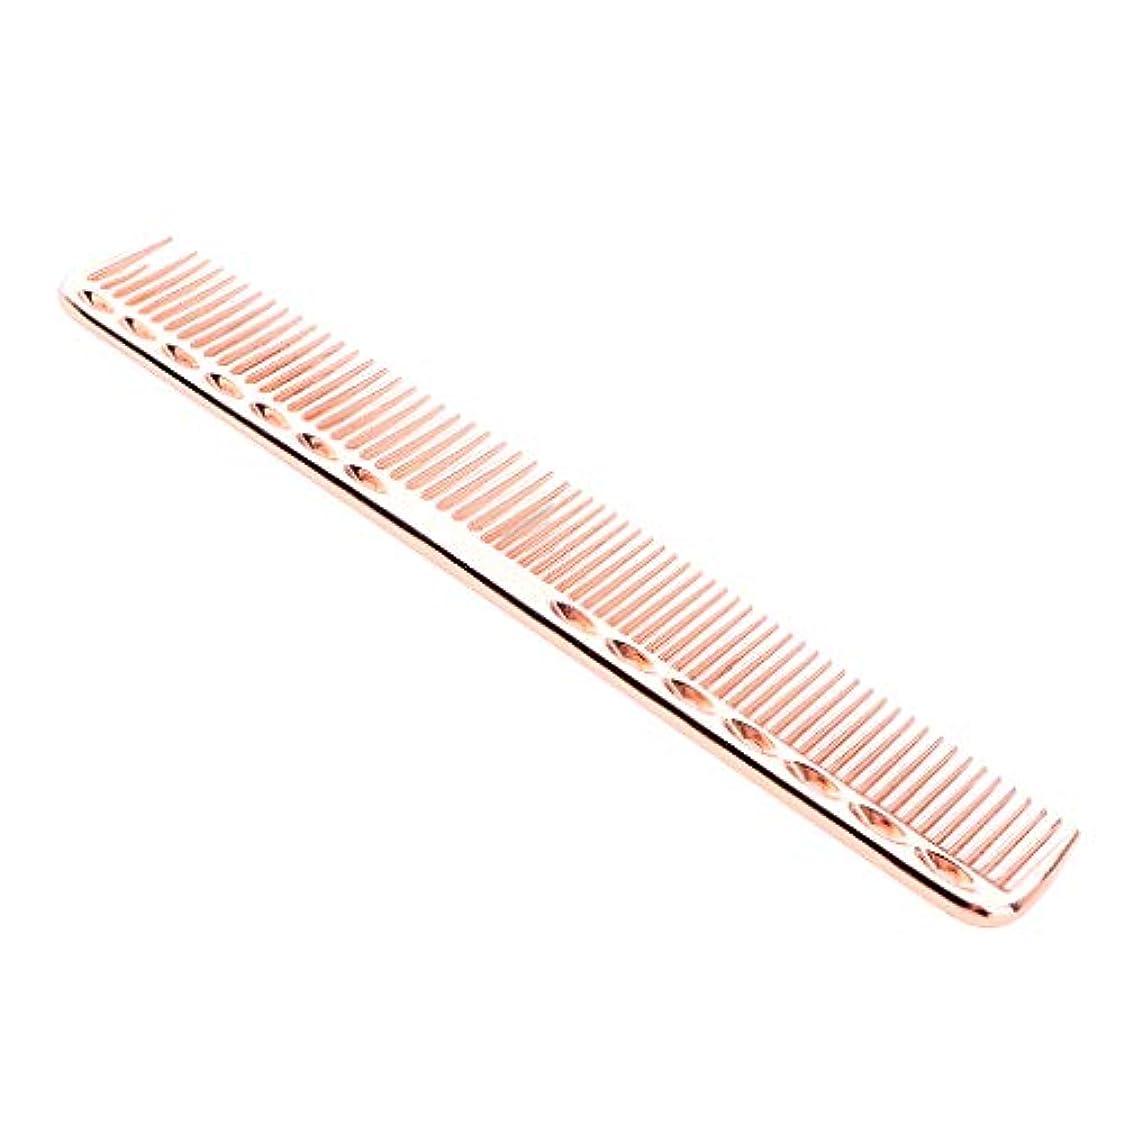 密輸追放するバスルームCUTICATE 理髪櫛 帯電防止櫛 ヘアコーム ヘアブラシ くし 頭皮マッサージ ヘアサロン アクセサリー 全5カラー - ローズピンク